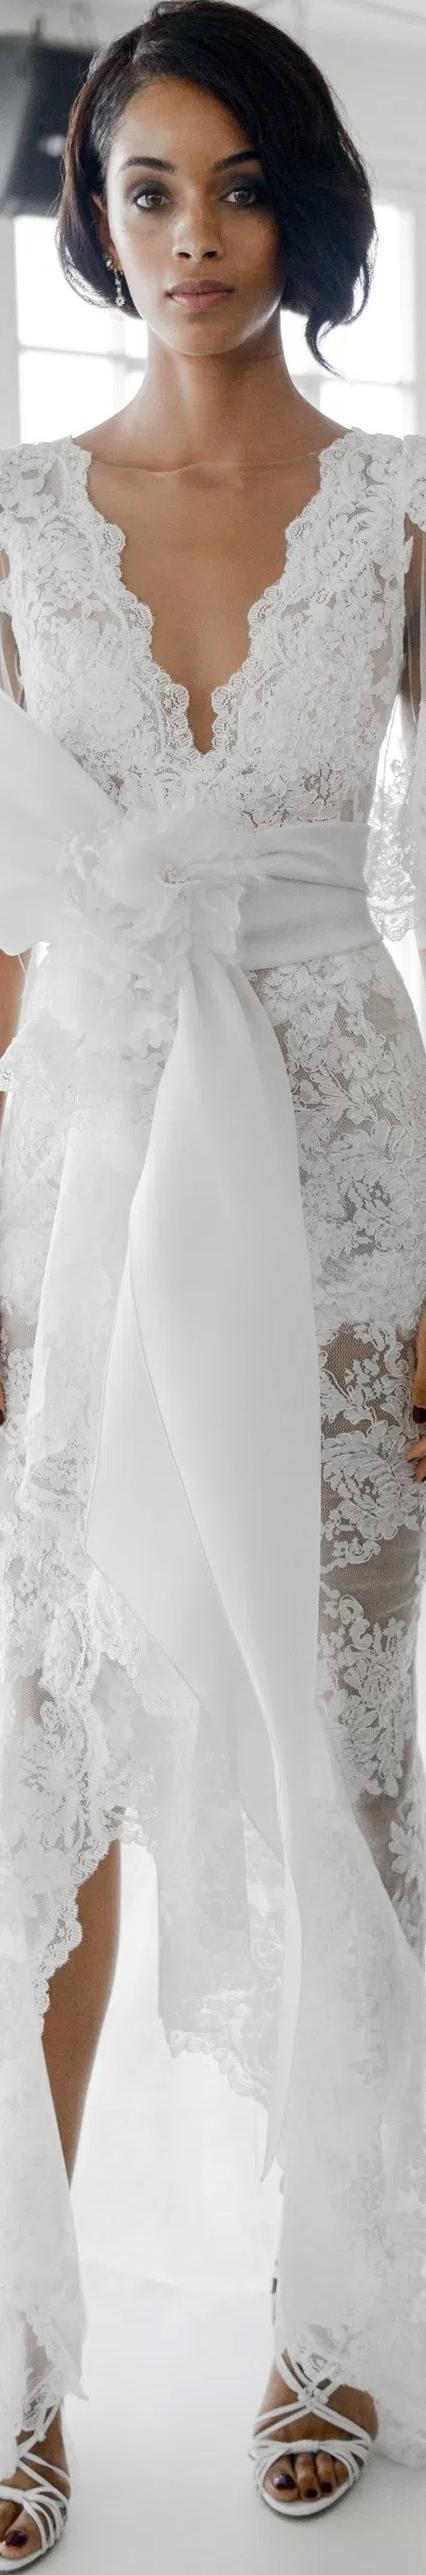 Marchesa bridal fall marchesa u marchesa notte bridal